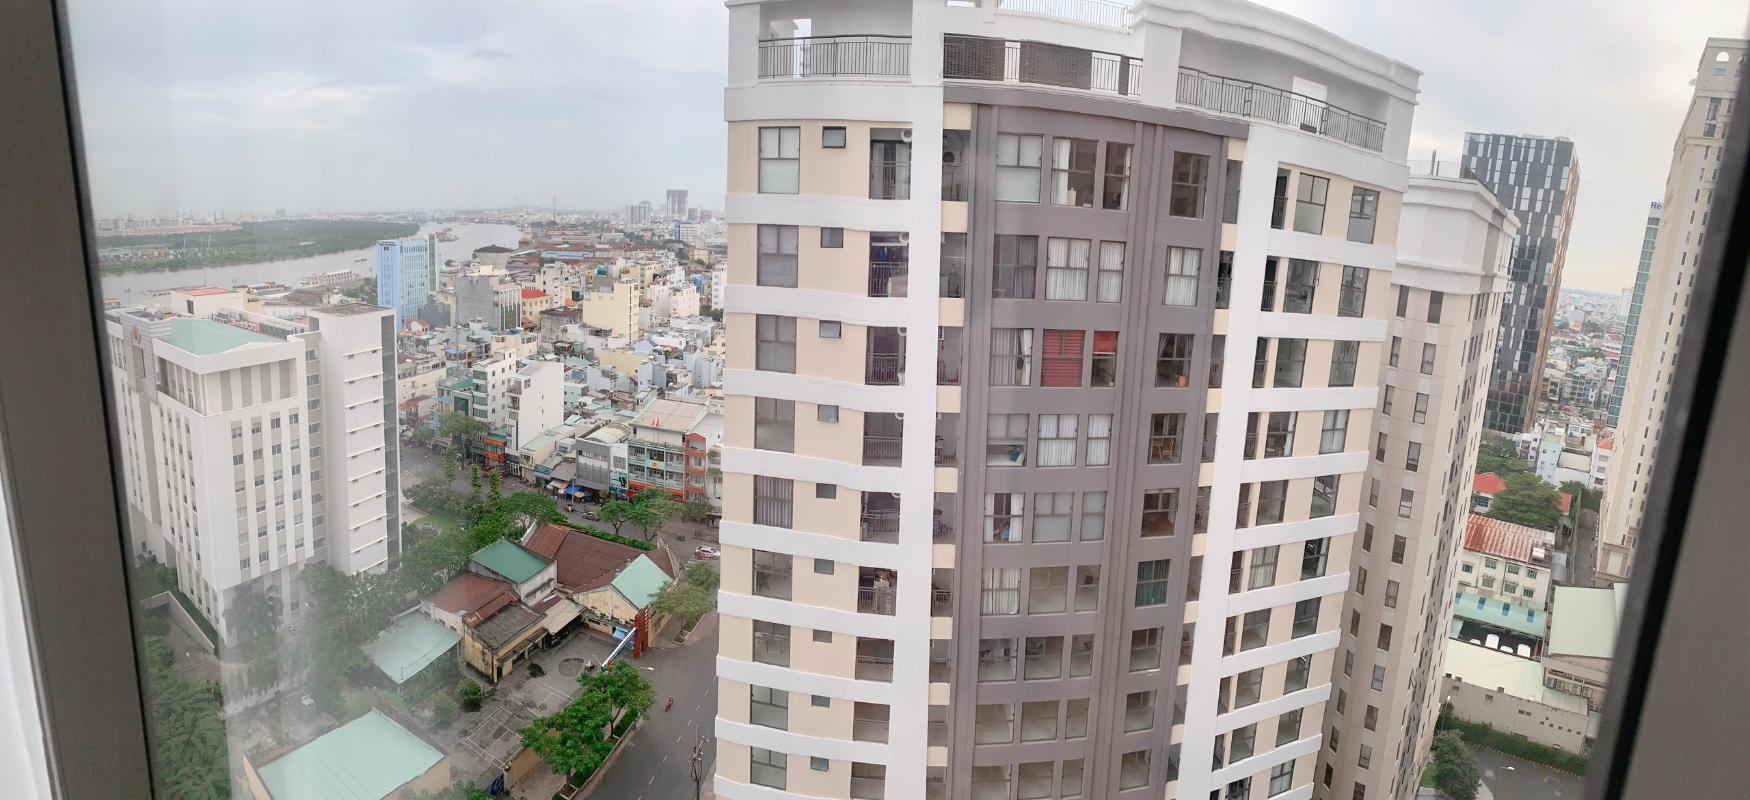 67e23a8d0da5ebfbb2b4 Bán hoặc cho thuê căn hộ Saigon Royal 3PN, tháp A, đầy đủ nội thất, view sông và Bitexco